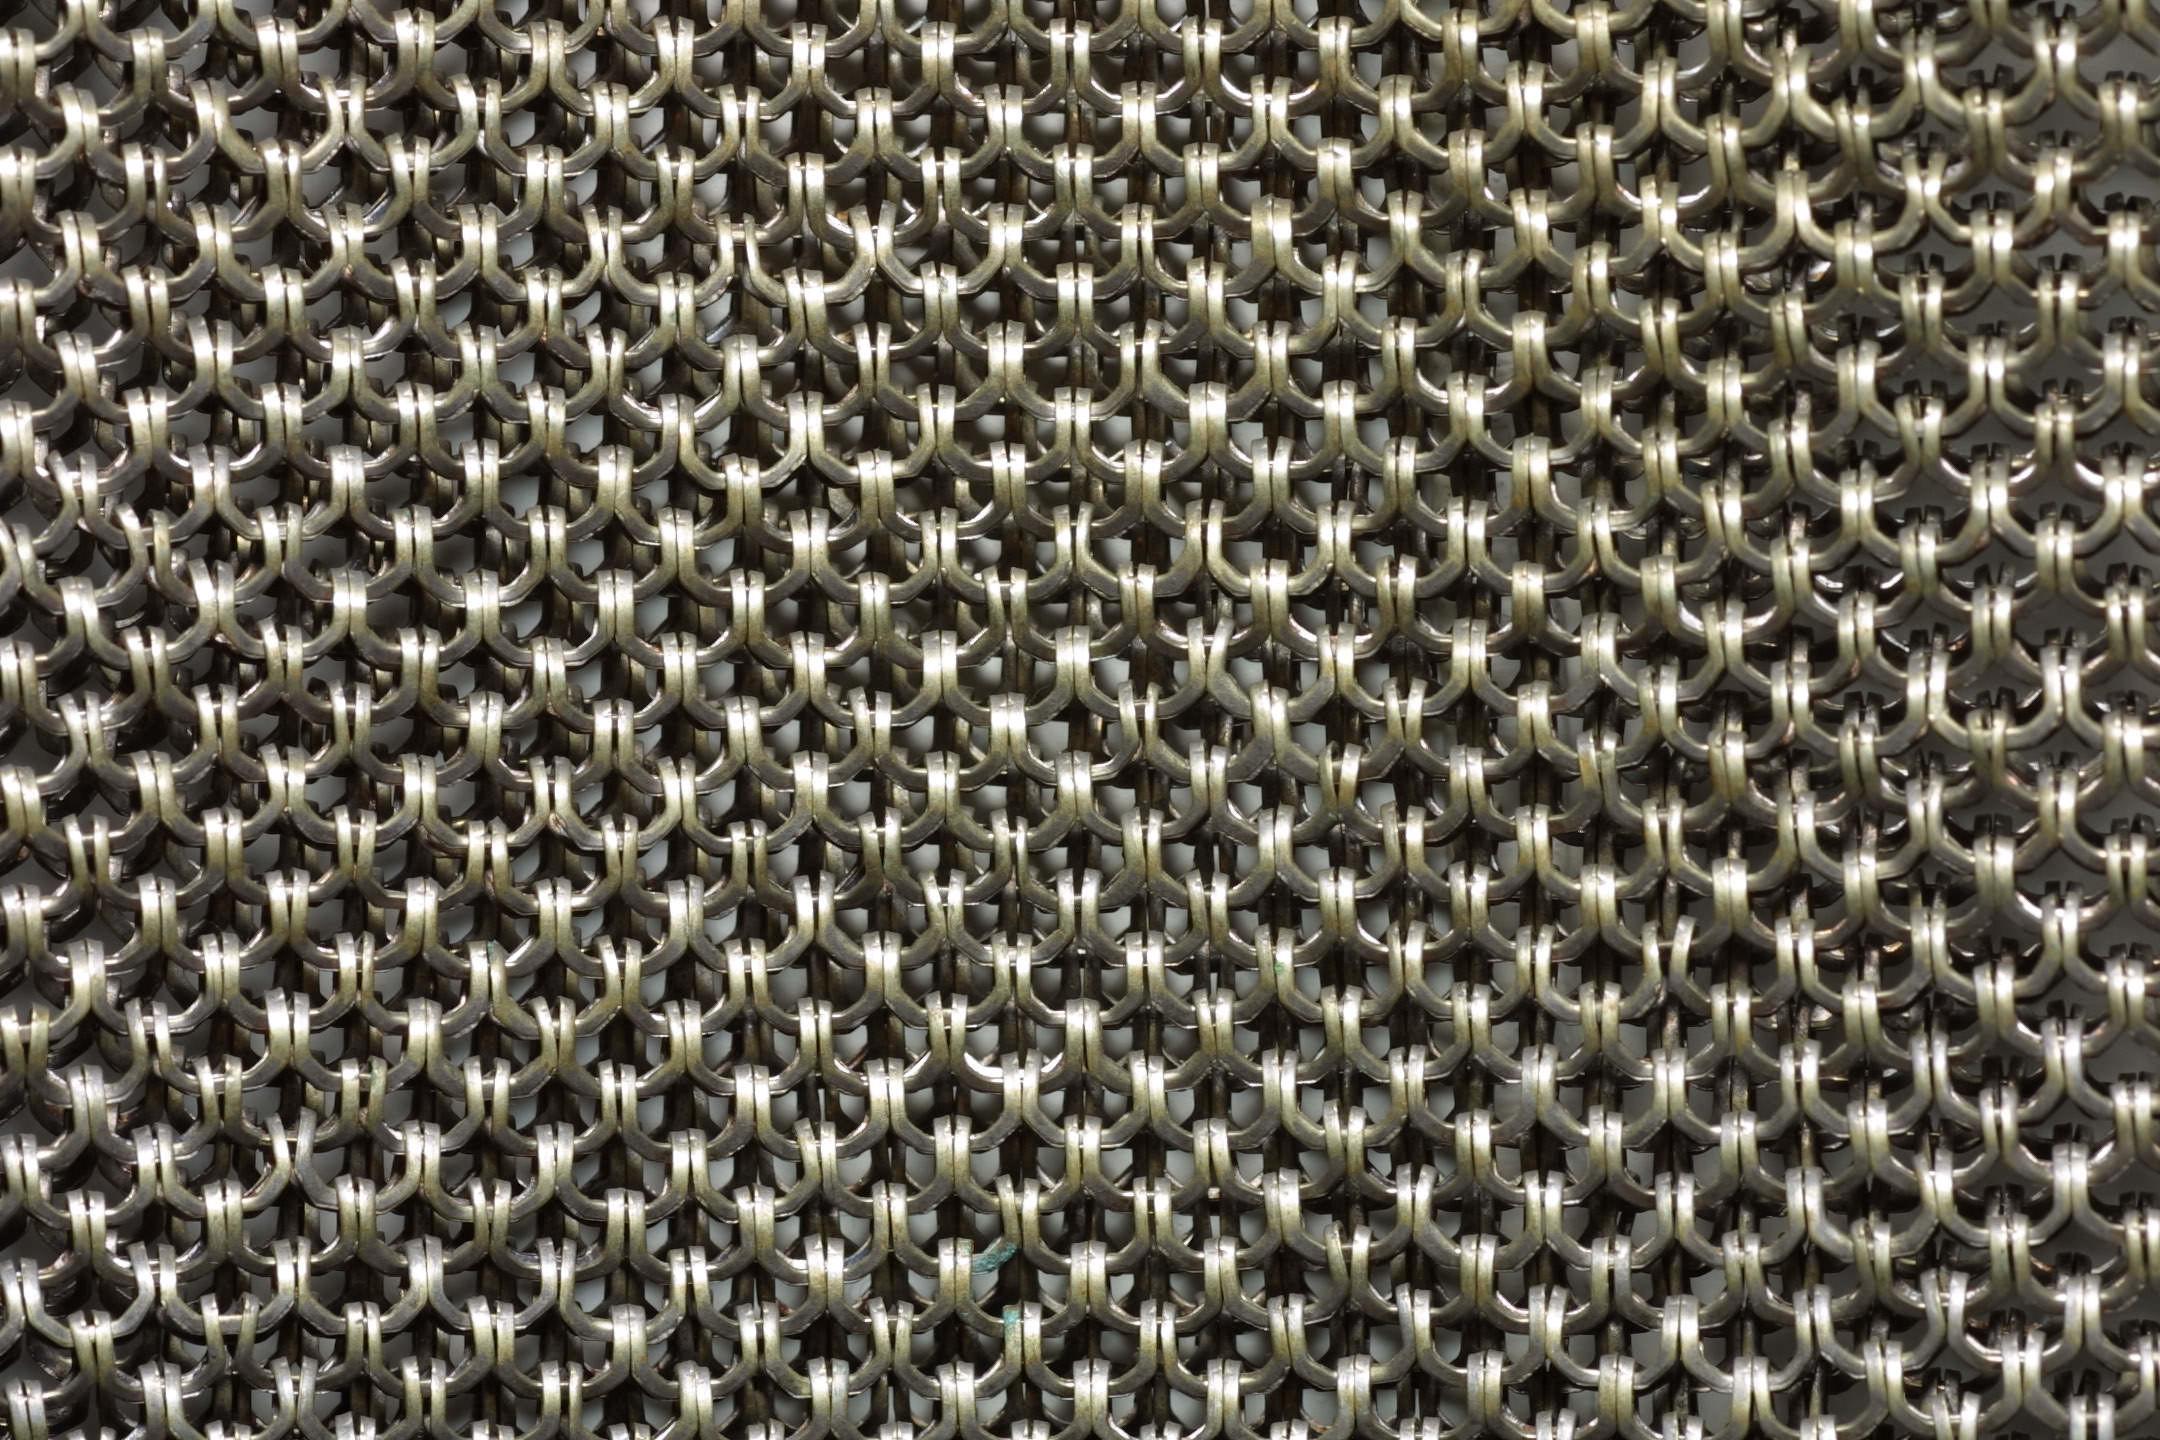 Brushed Aluminum Wallpaper 183 ① Wallpapertag